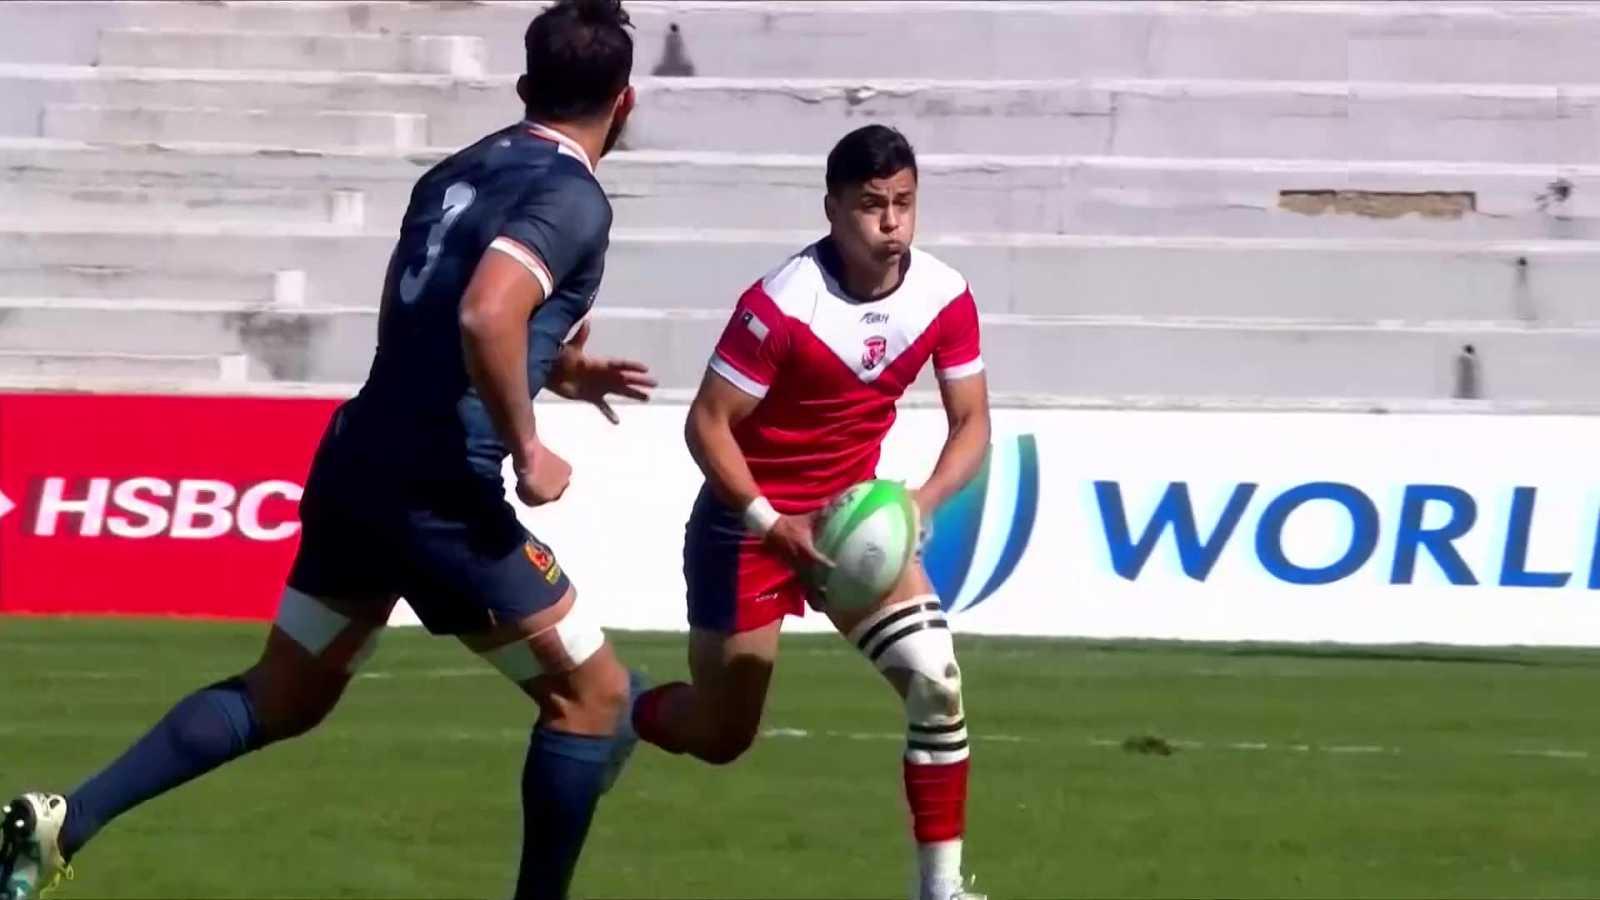 Rugby - Torneo internacional Sevens (masculino): Chile - España  - ver ahora